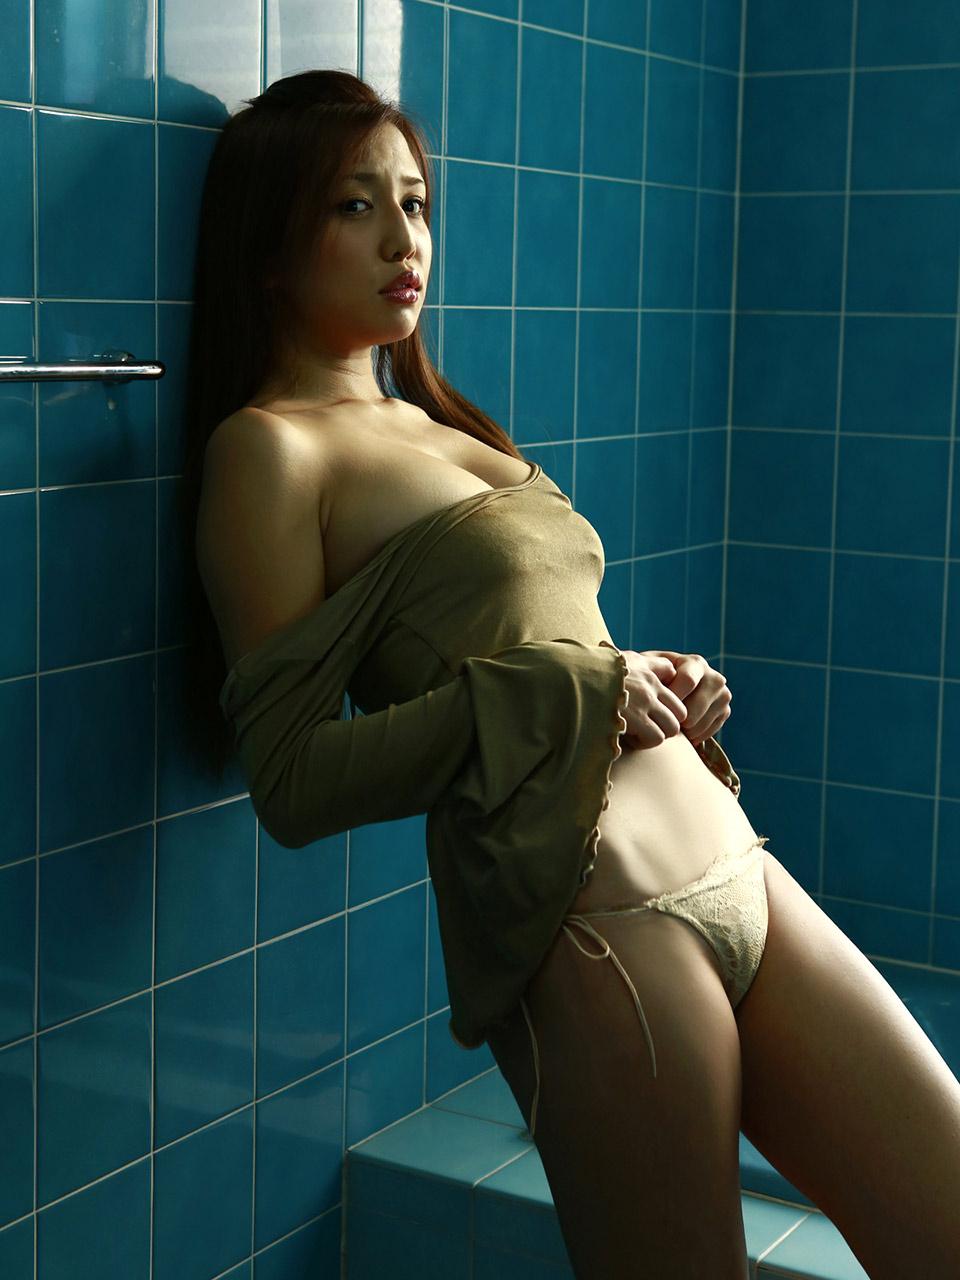 manami marutaka hot bikini pics 01